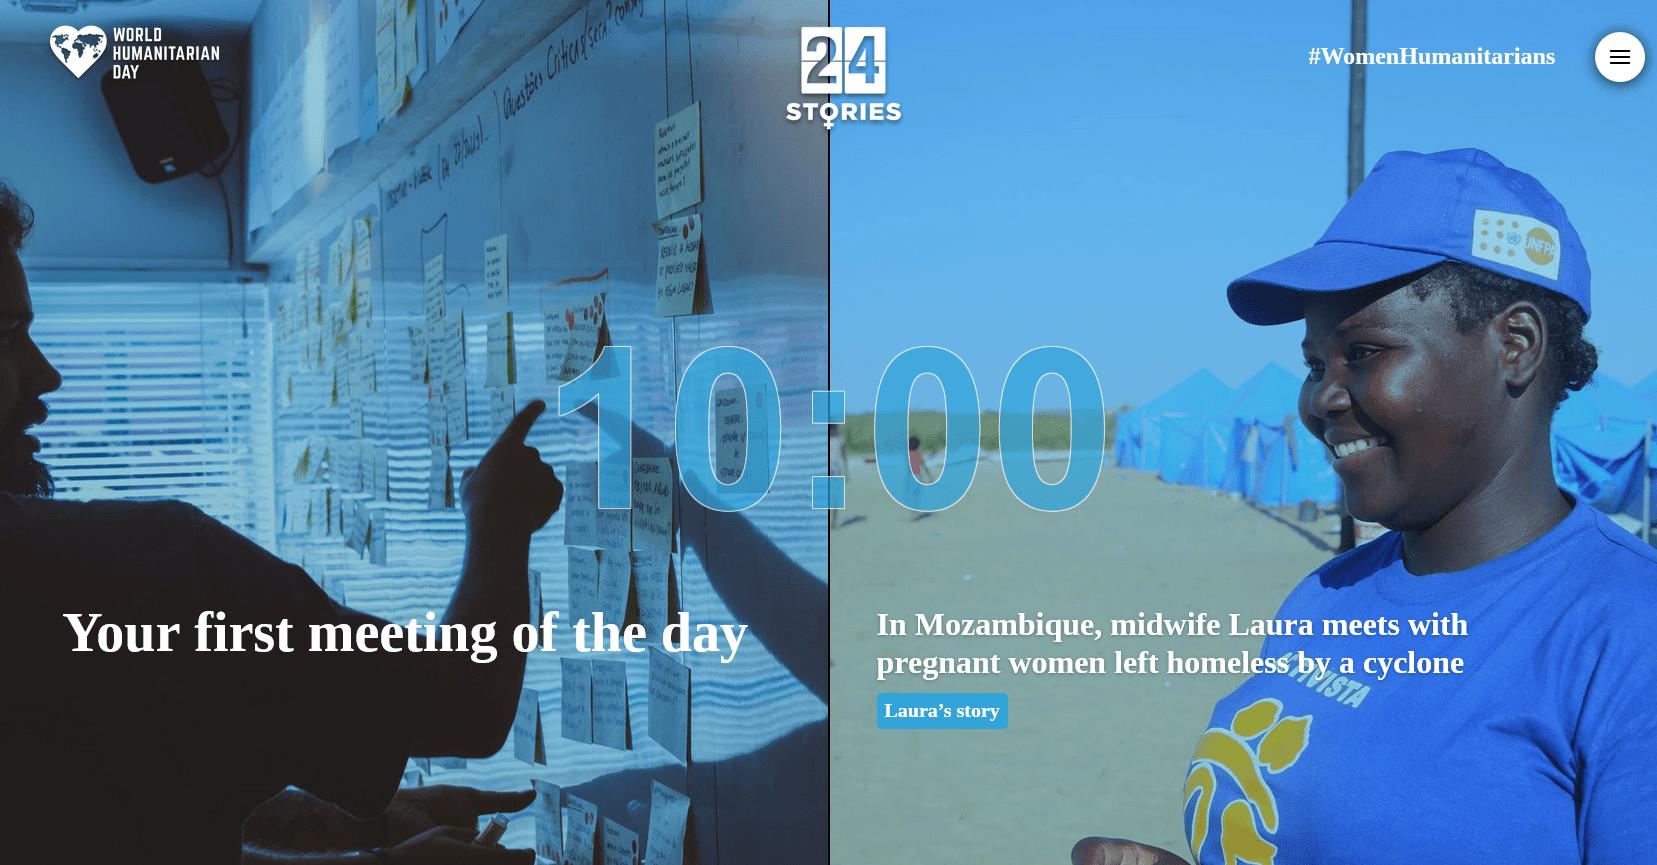 19. avgust: svetovni dan humanitarnosti